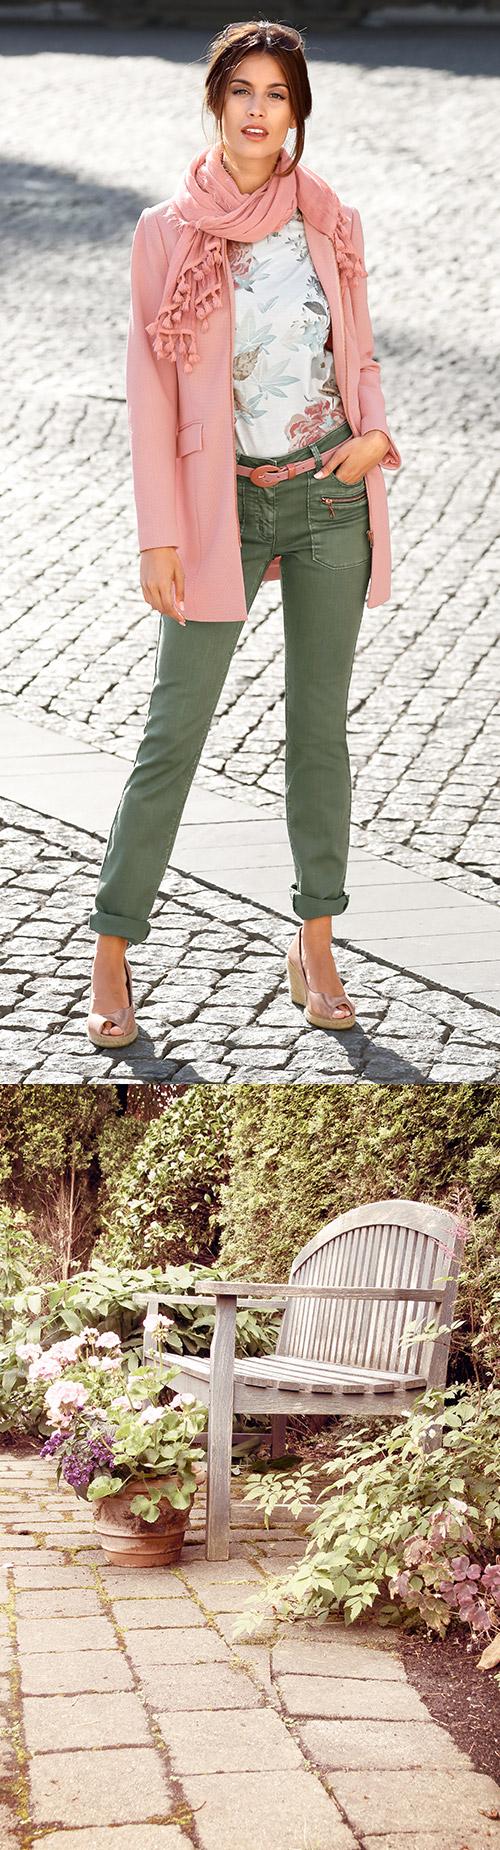 ef70b951842439 Nicht nur im Park erwarten uns zartes Rosé und sanftes Grün  Laura Kent  zeigt die Trend-Farben des Frühlings.  Mode